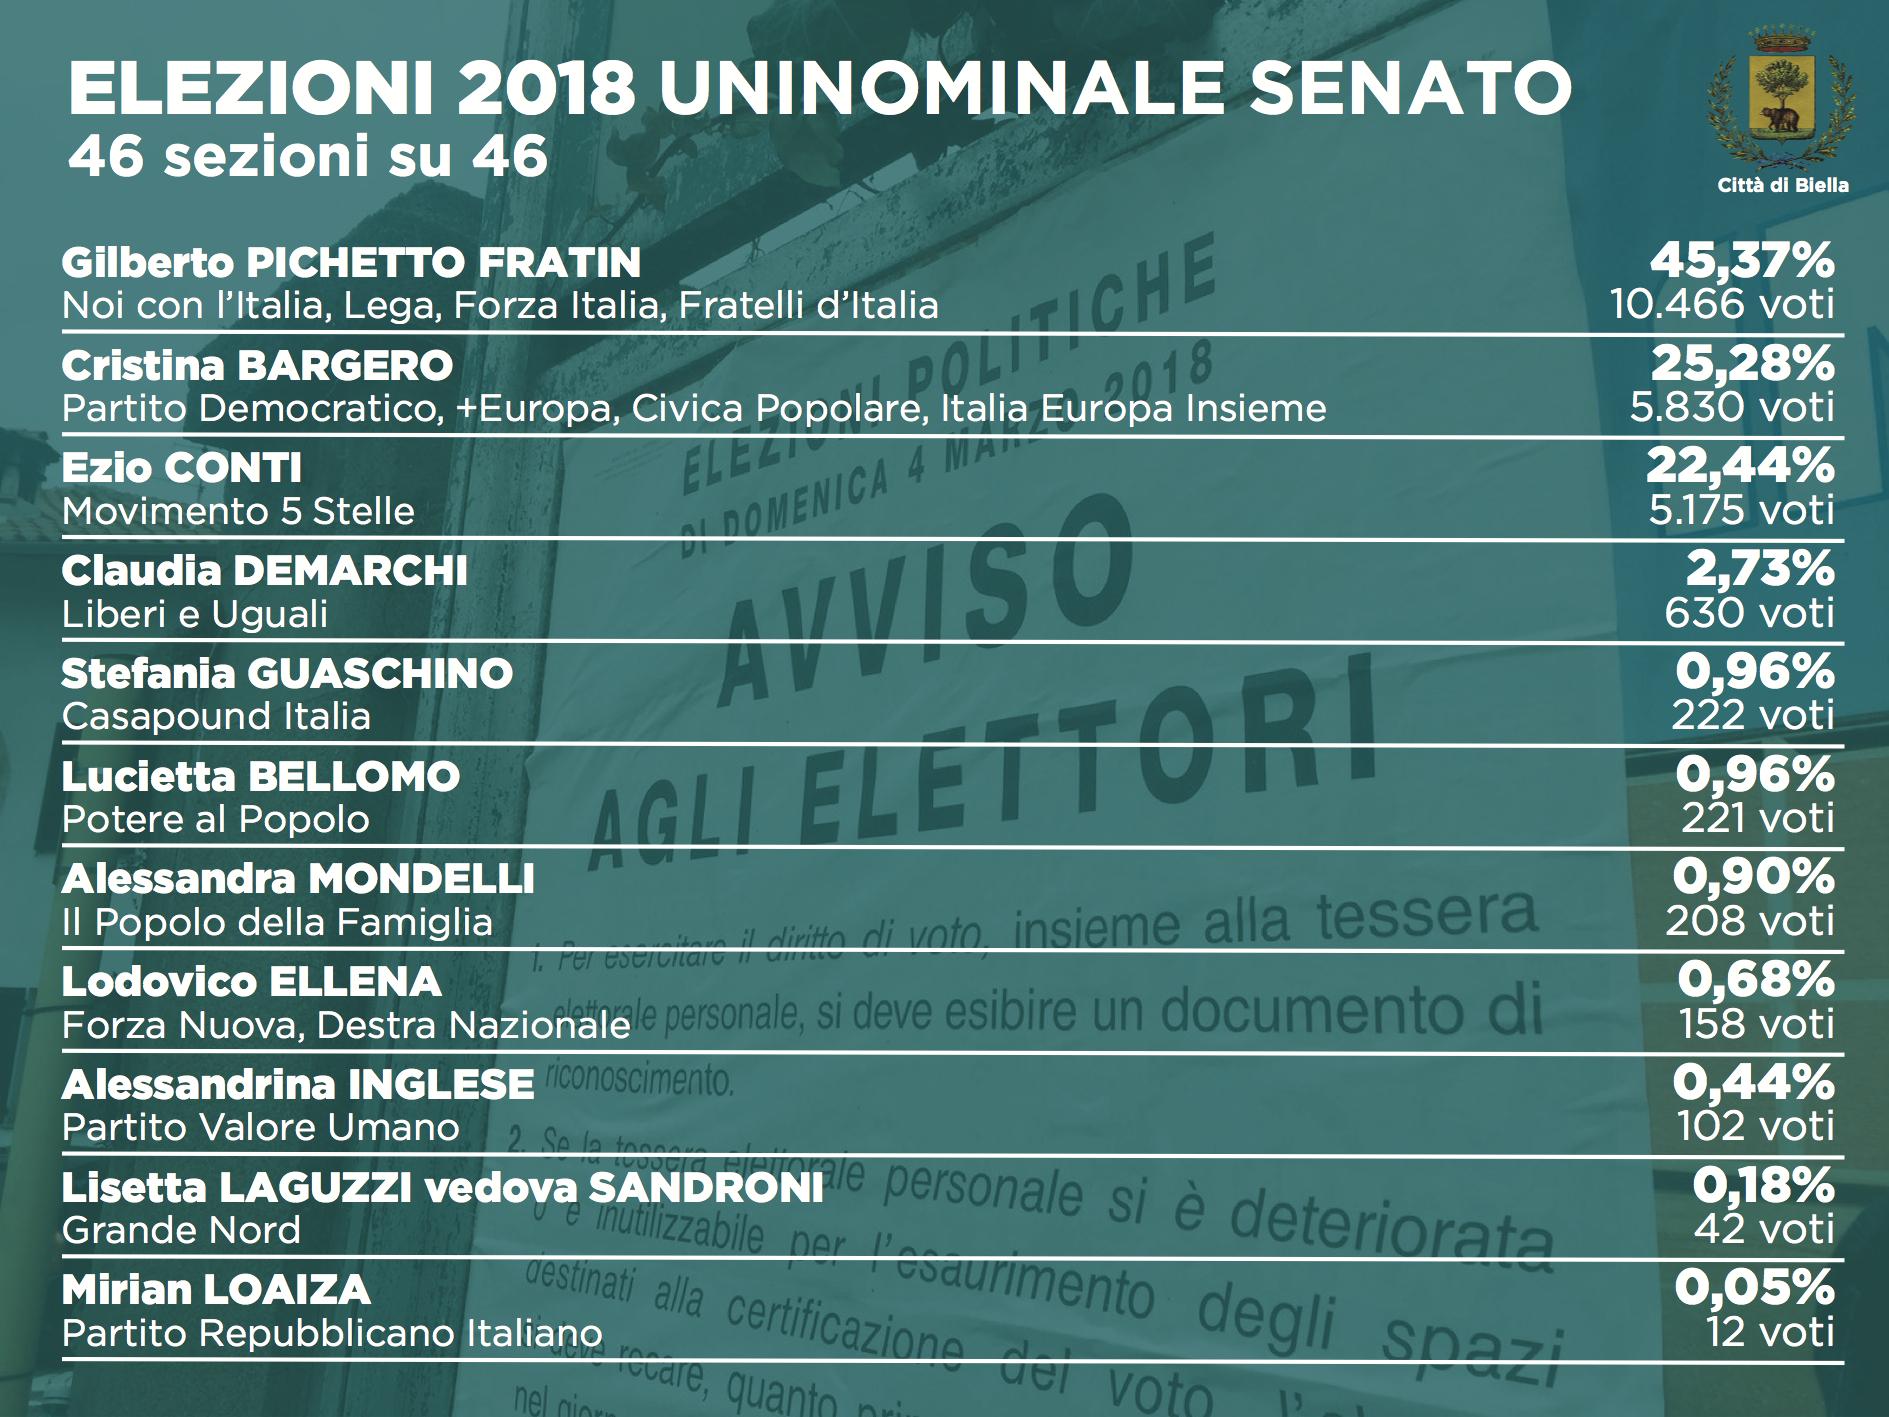 Elezioni 2018: i dati definitivi dell'uninominale al Senato